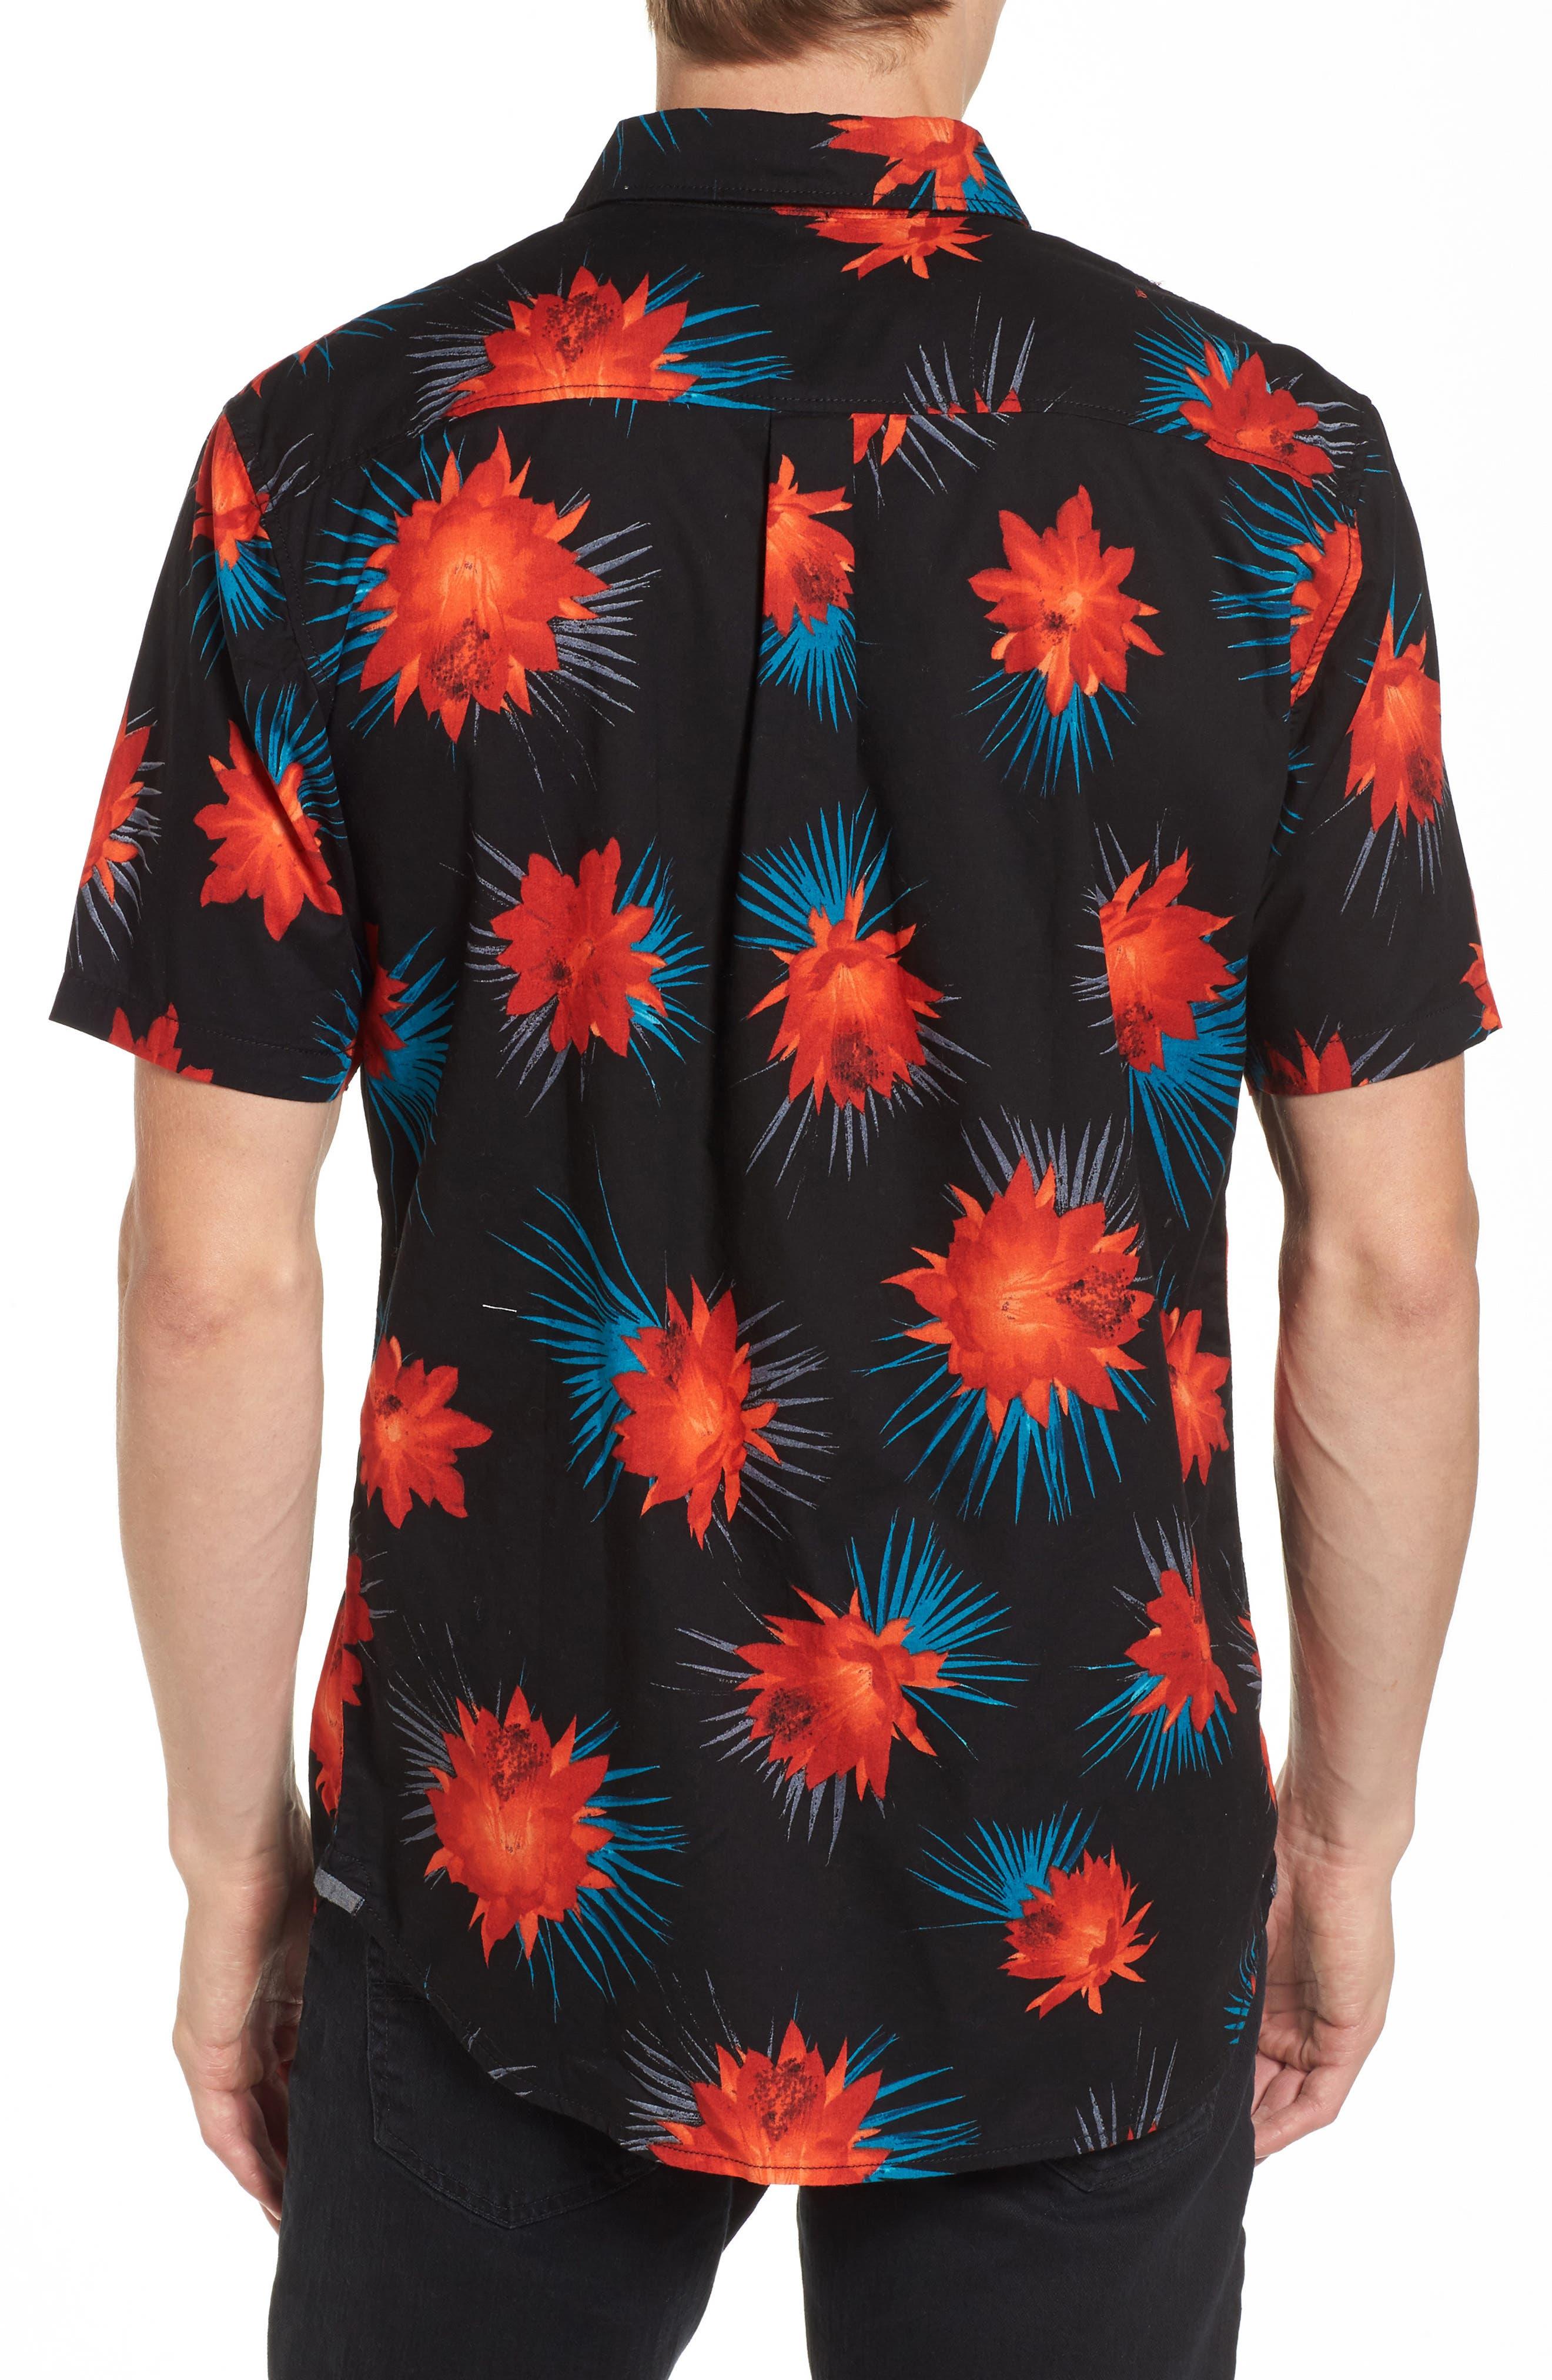 Cultivar Woven Shirt,                             Alternate thumbnail 2, color,                             Cactus Floral